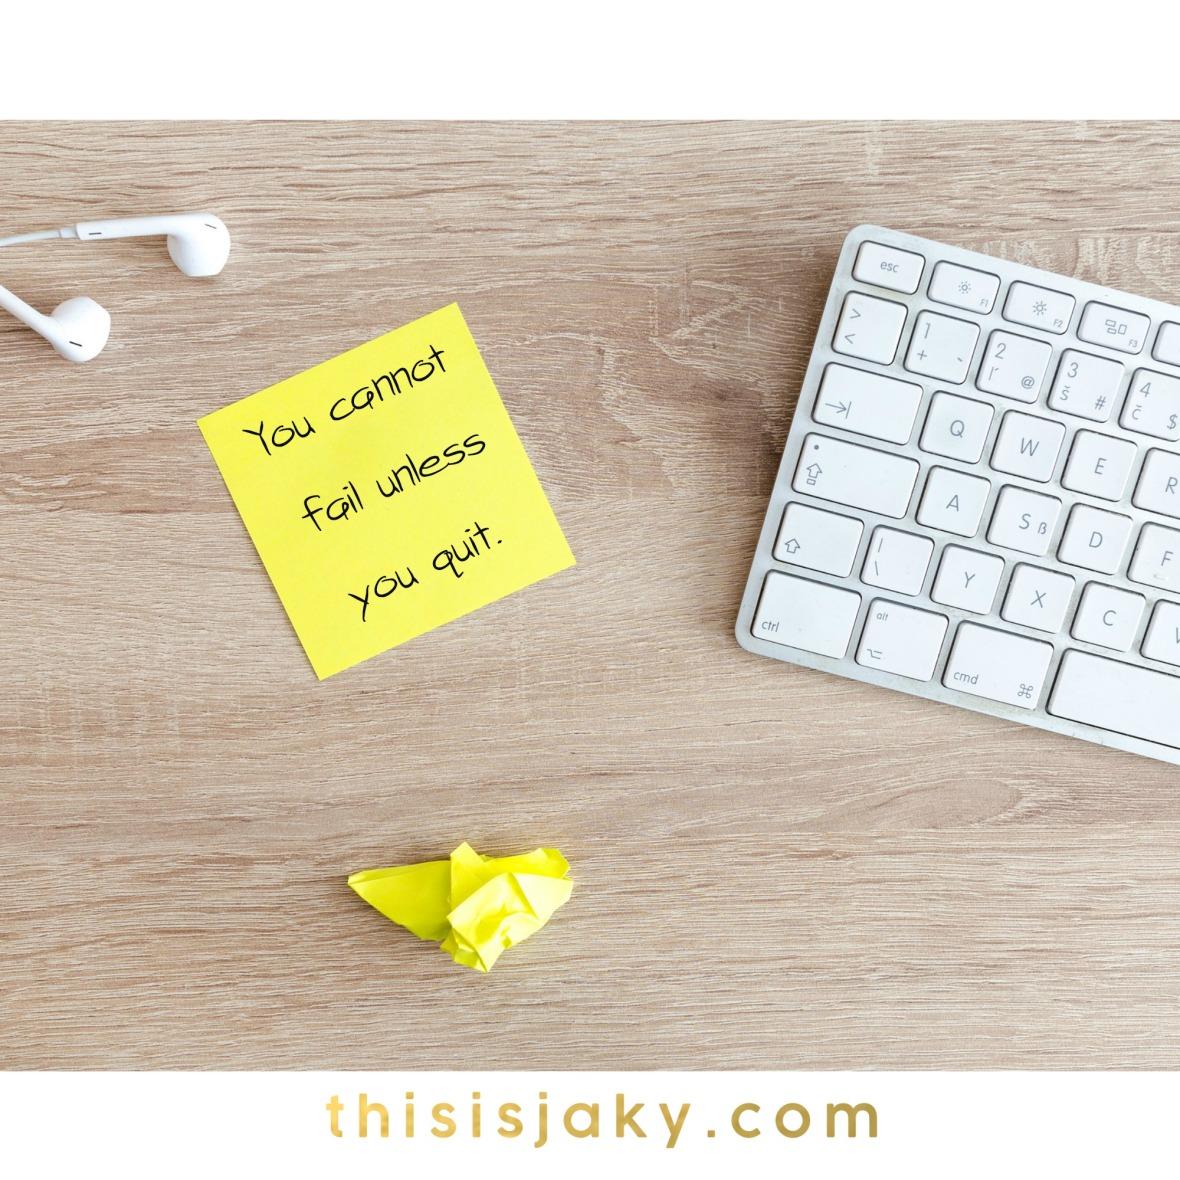 You cannot fail.jpg